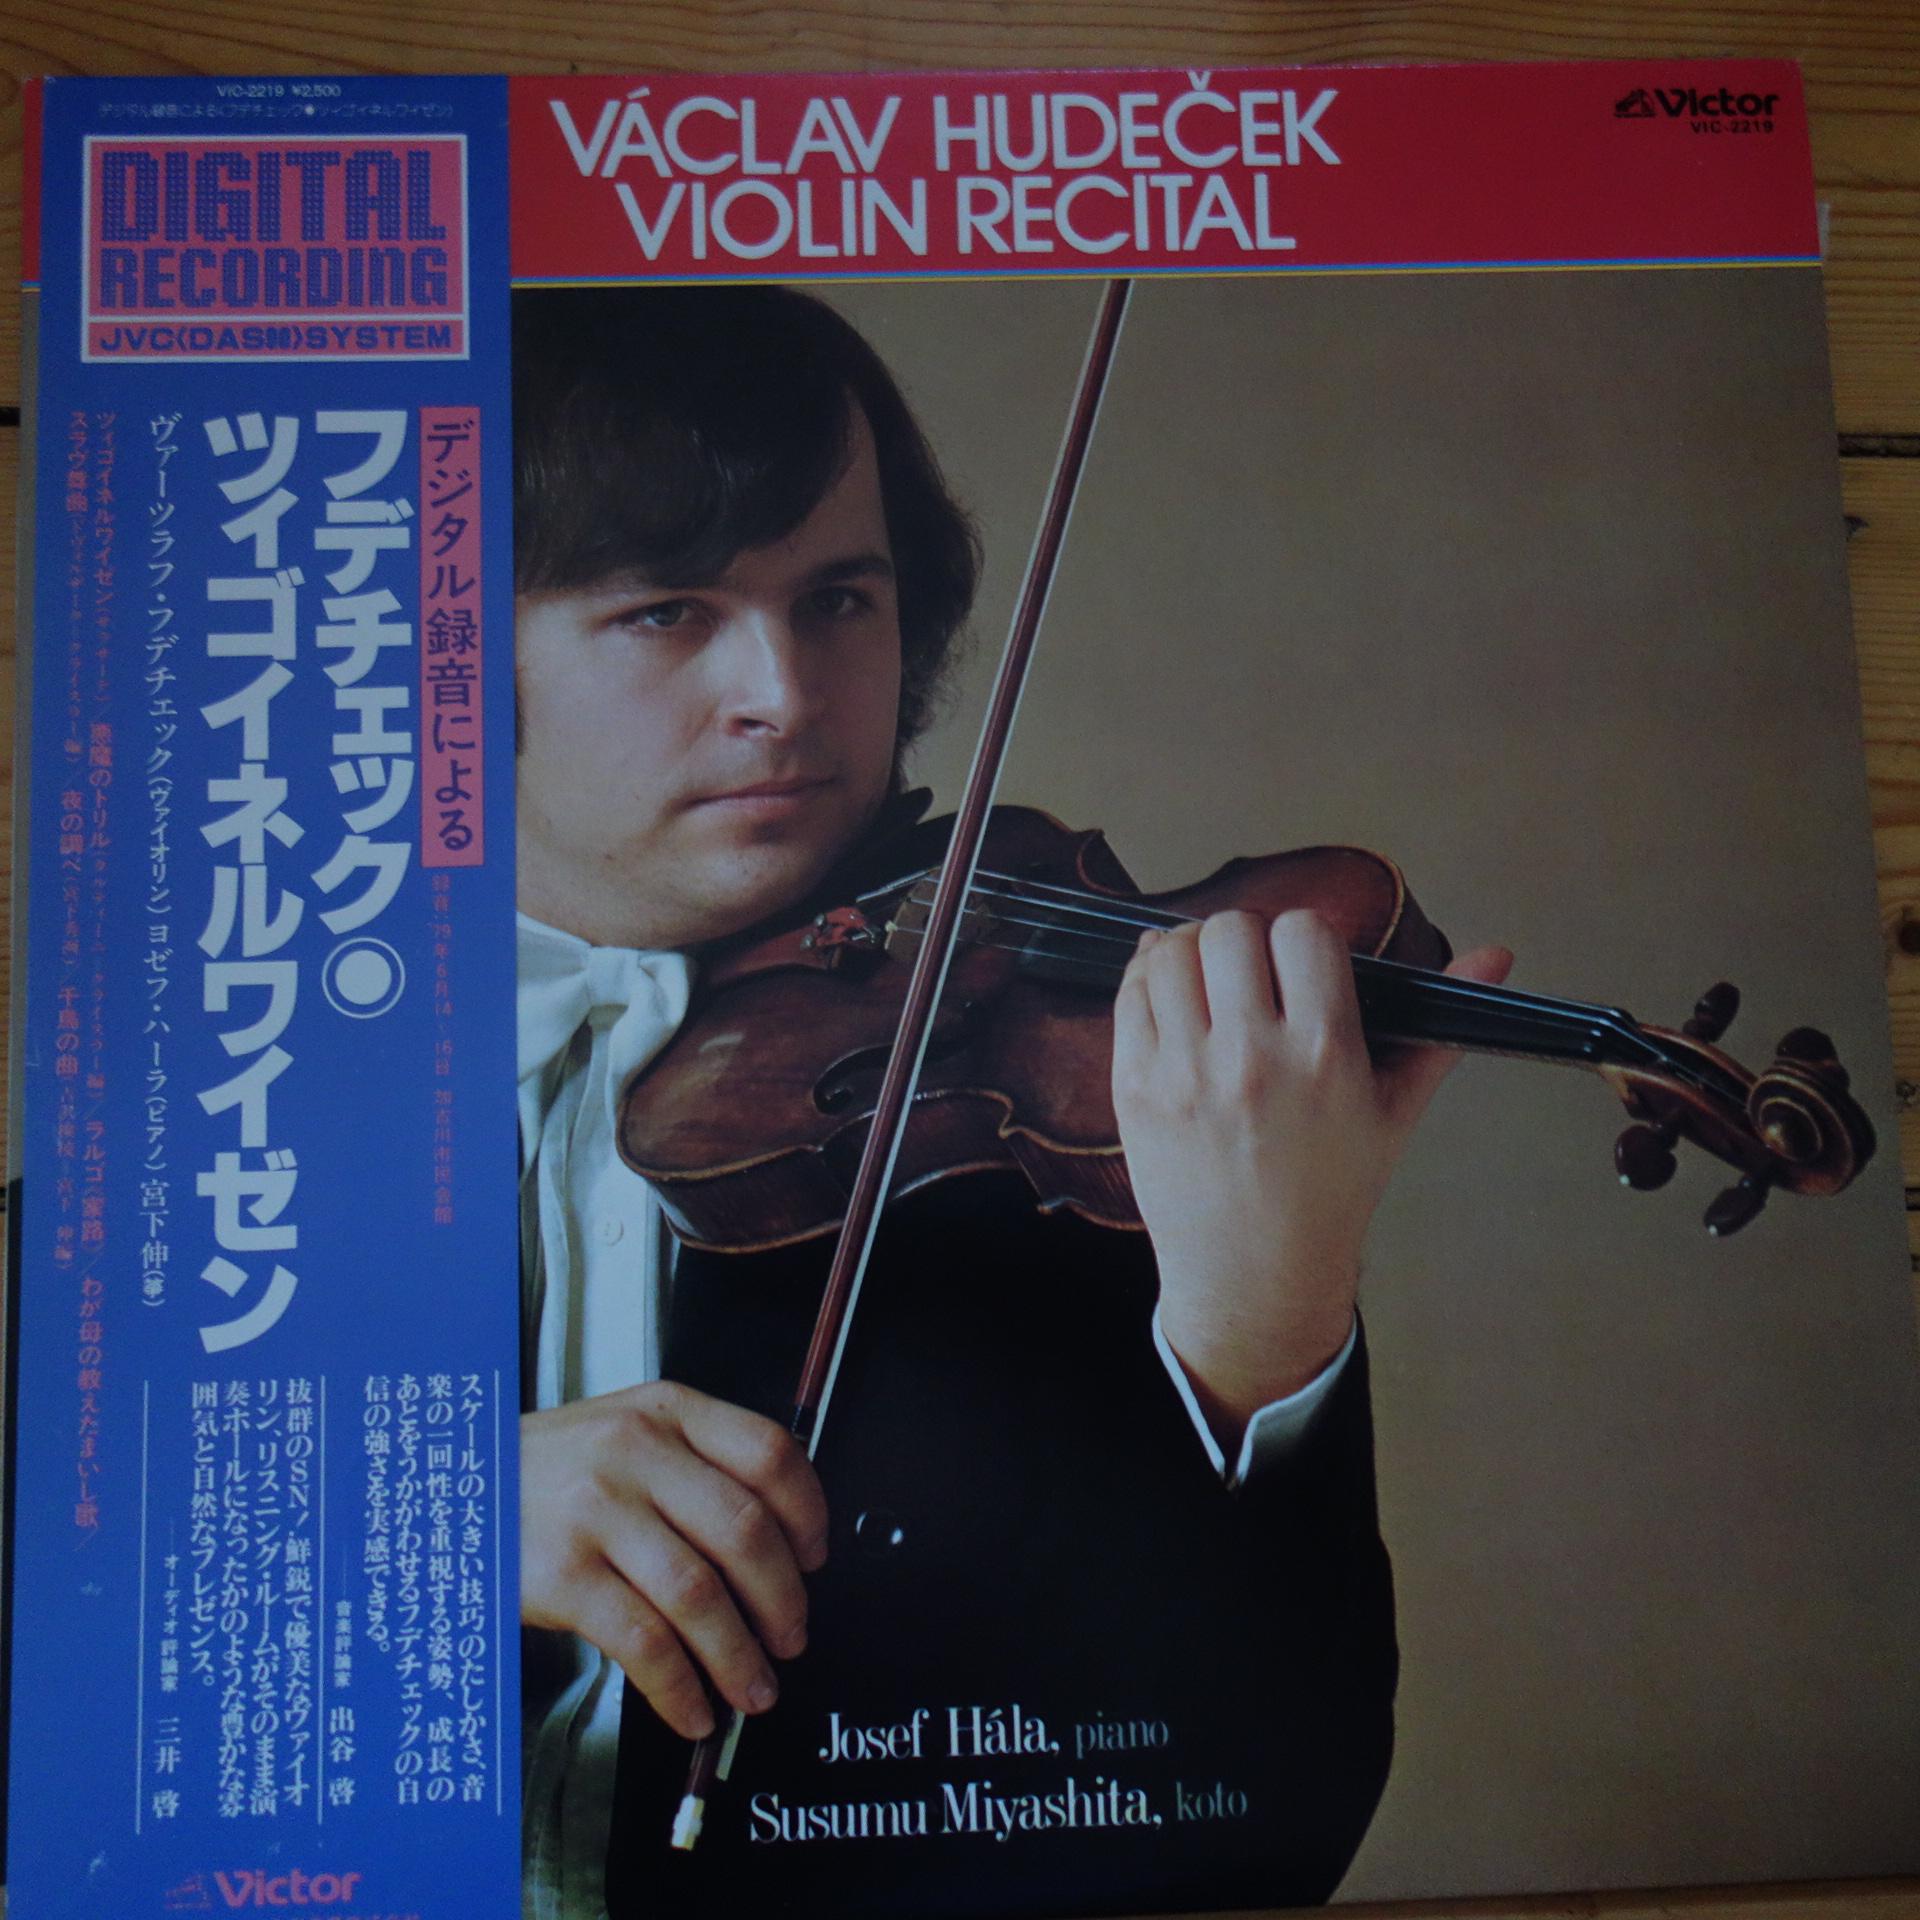 VIC 2219 Vaclav Hudecek Violin Recital